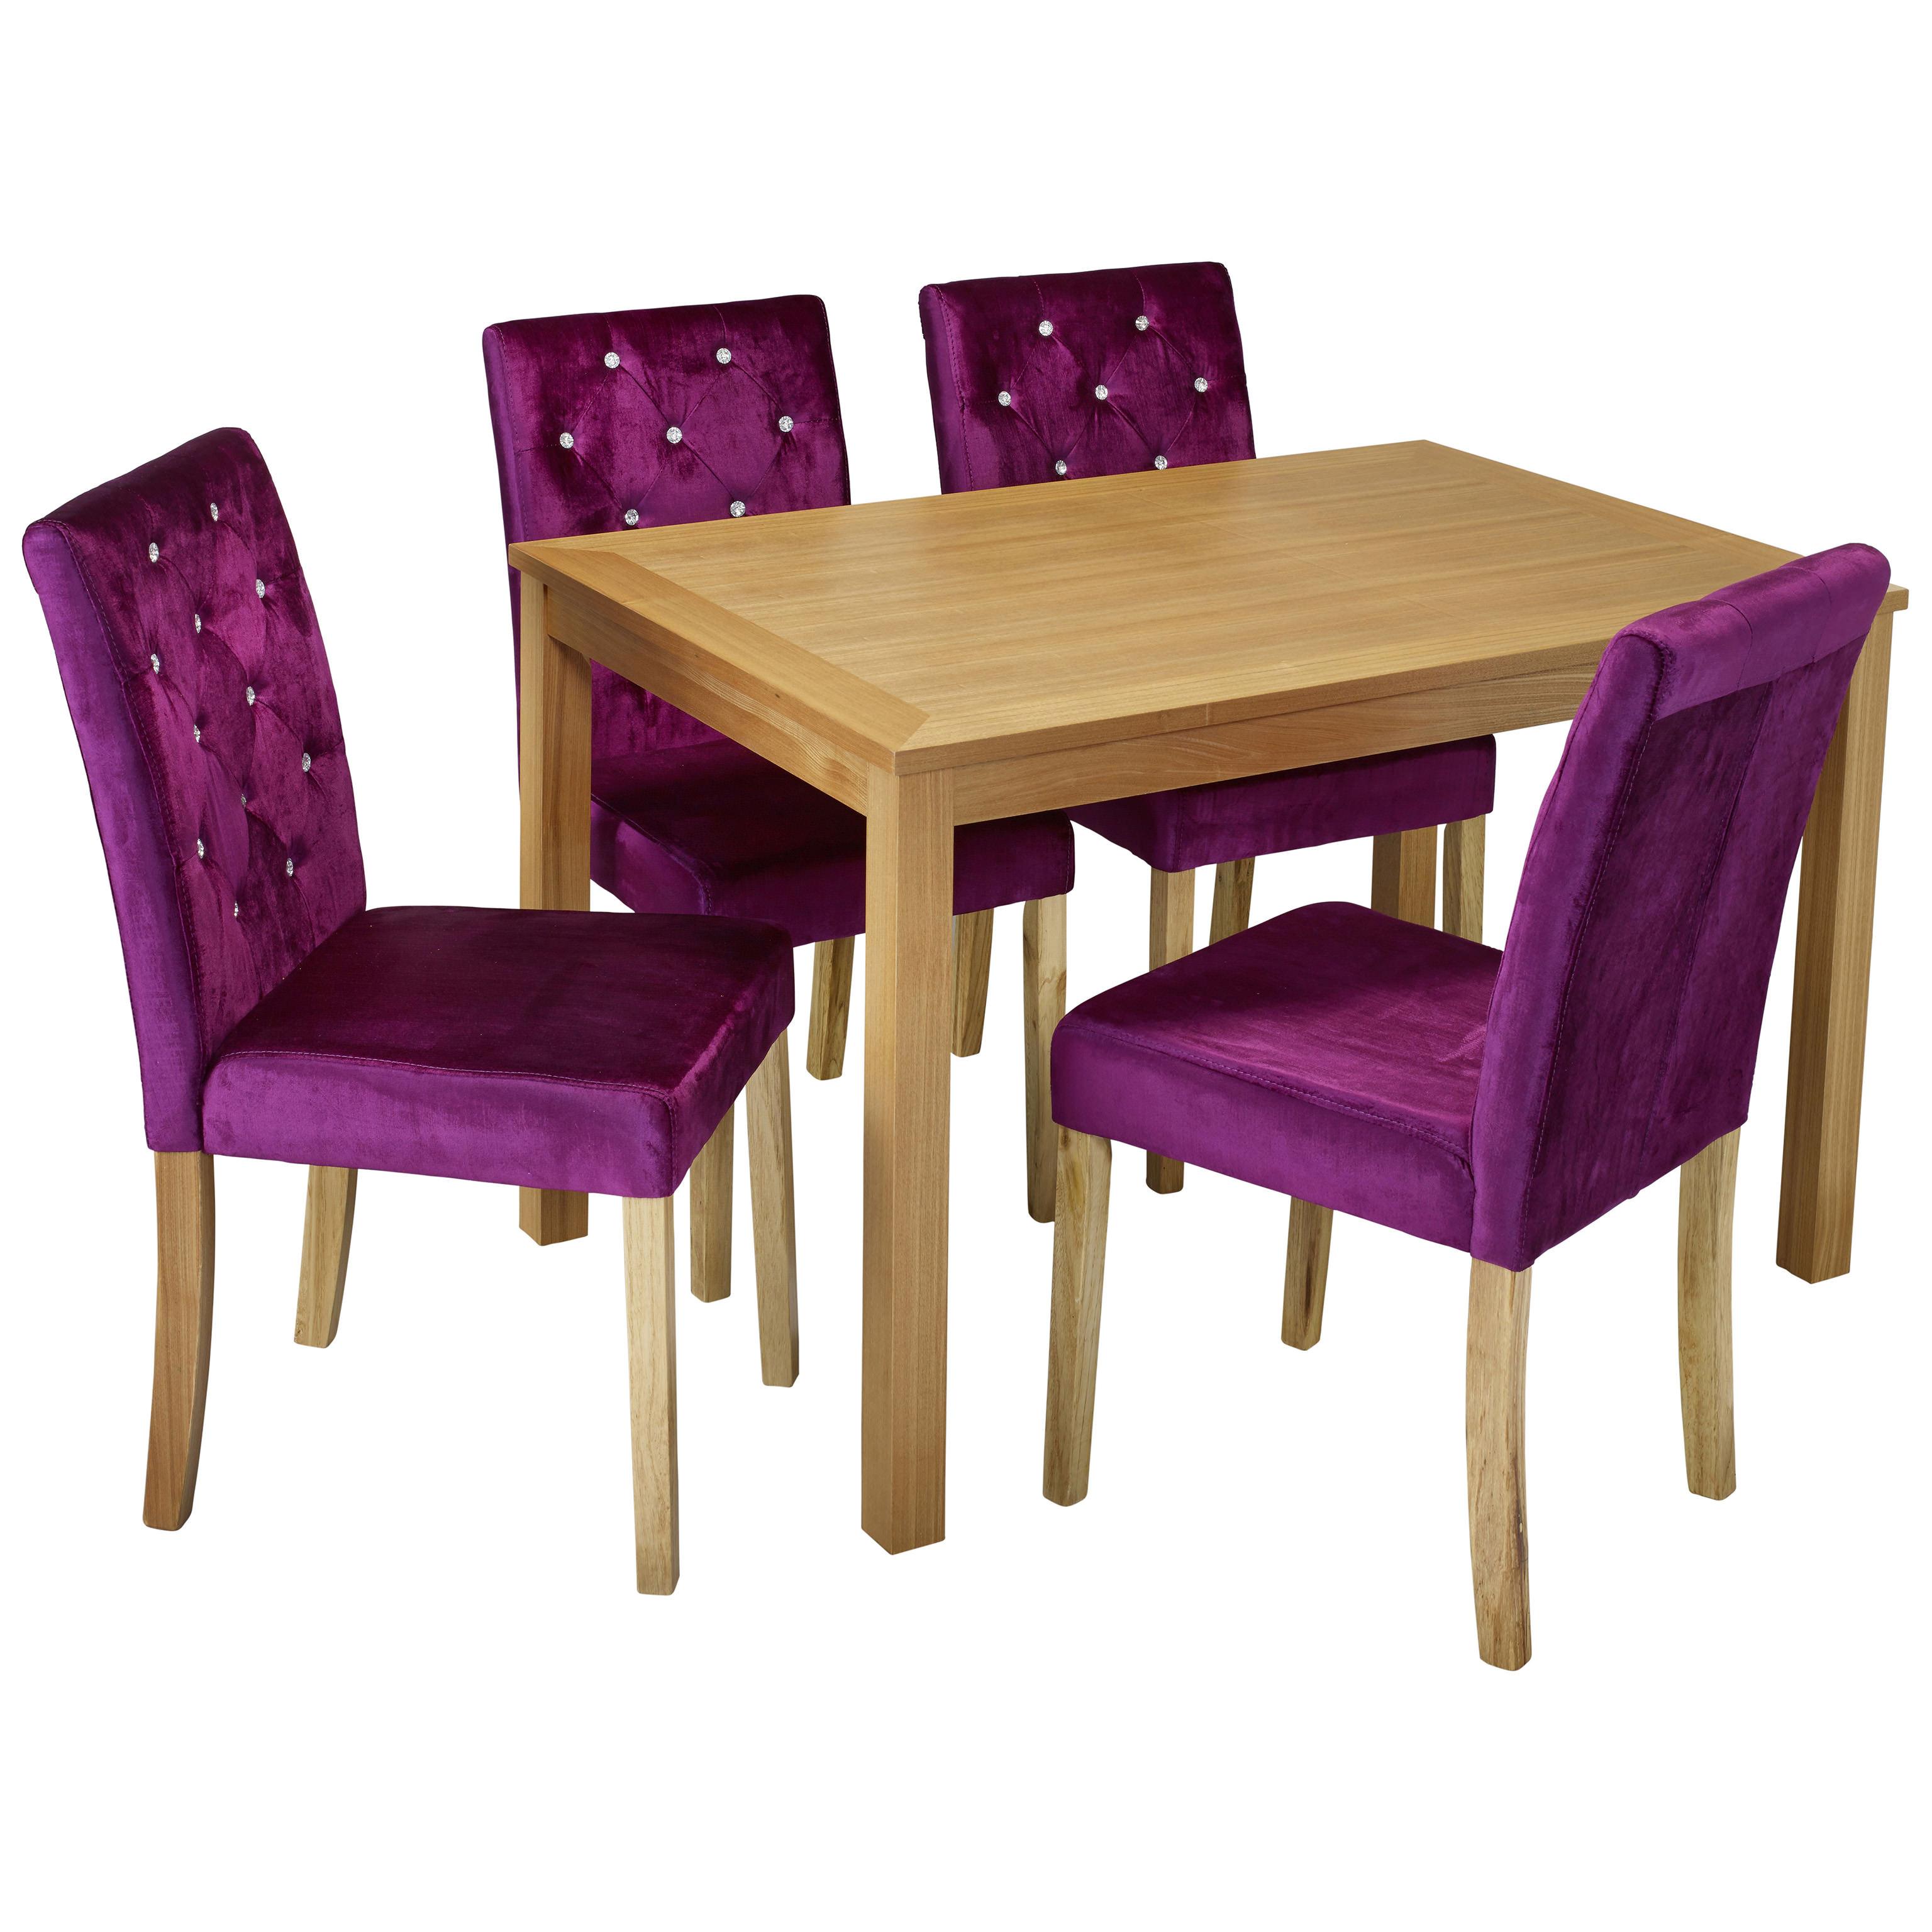 Purple Desk And Chair Set Furniture Modern Children Desk